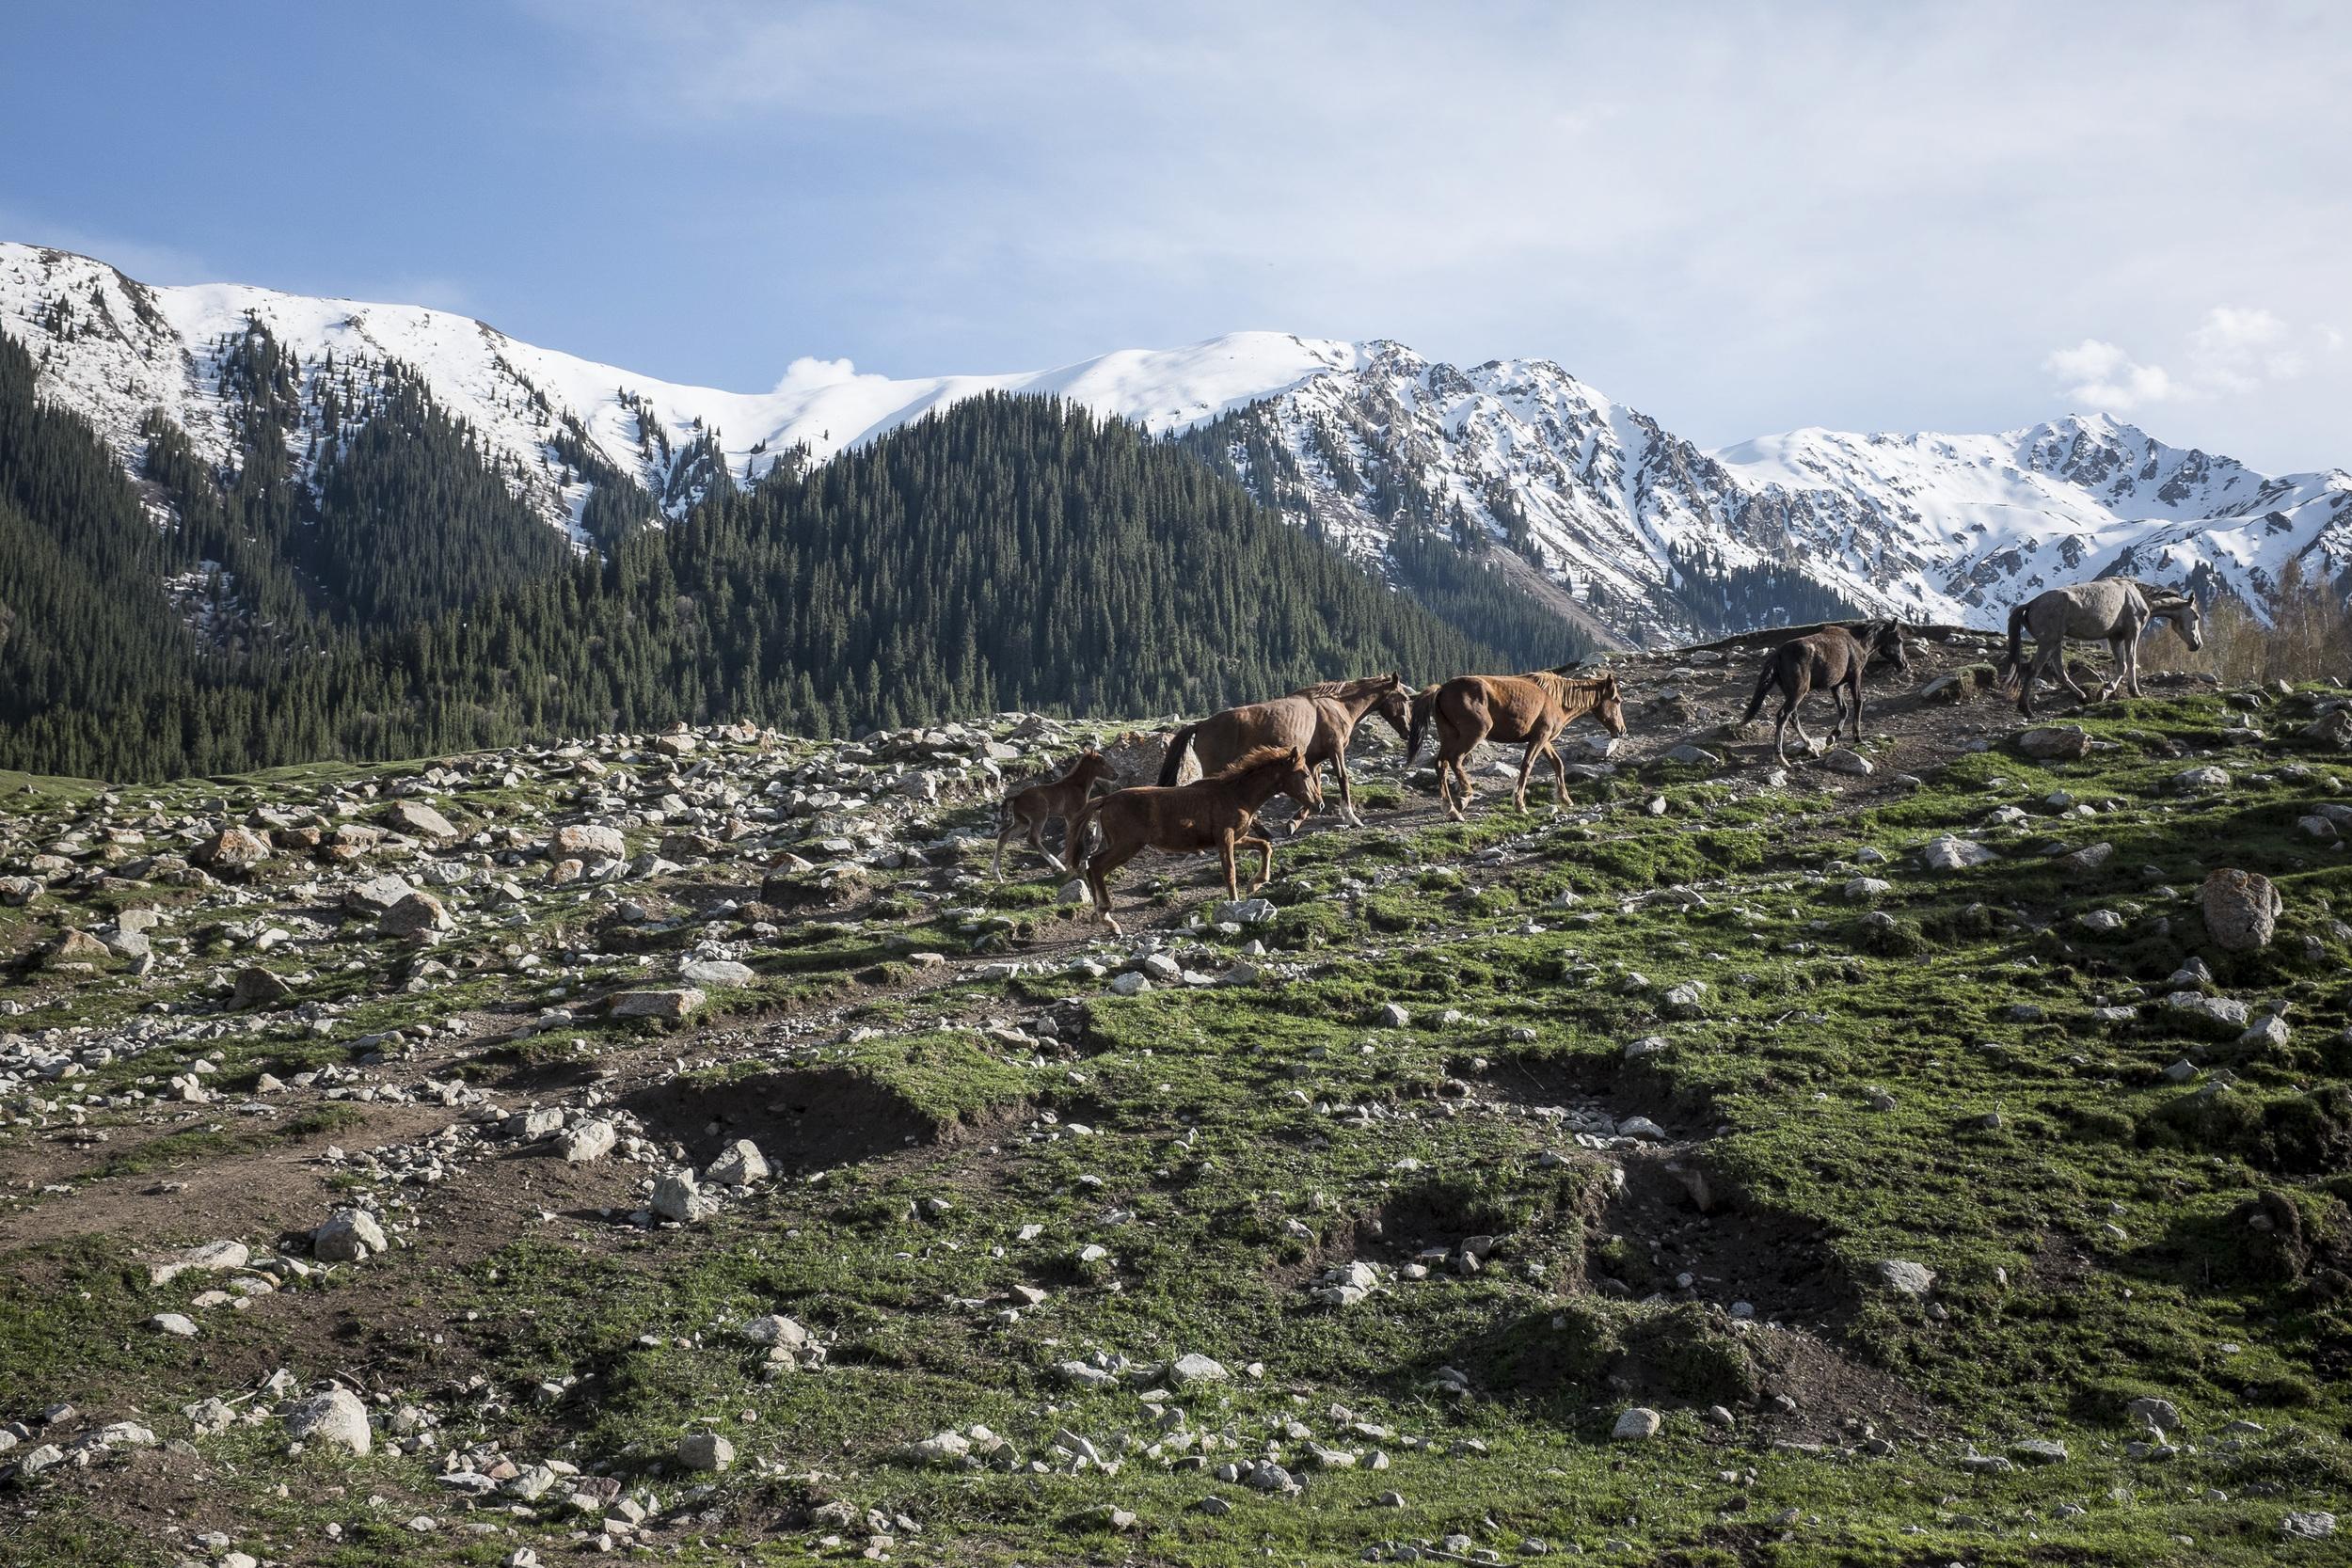 Hiking in the Tien-San mountains, near Yeti Ogüz (Seven Bulls) rocks. Issyk-Kul region, Kyrgyzstan.